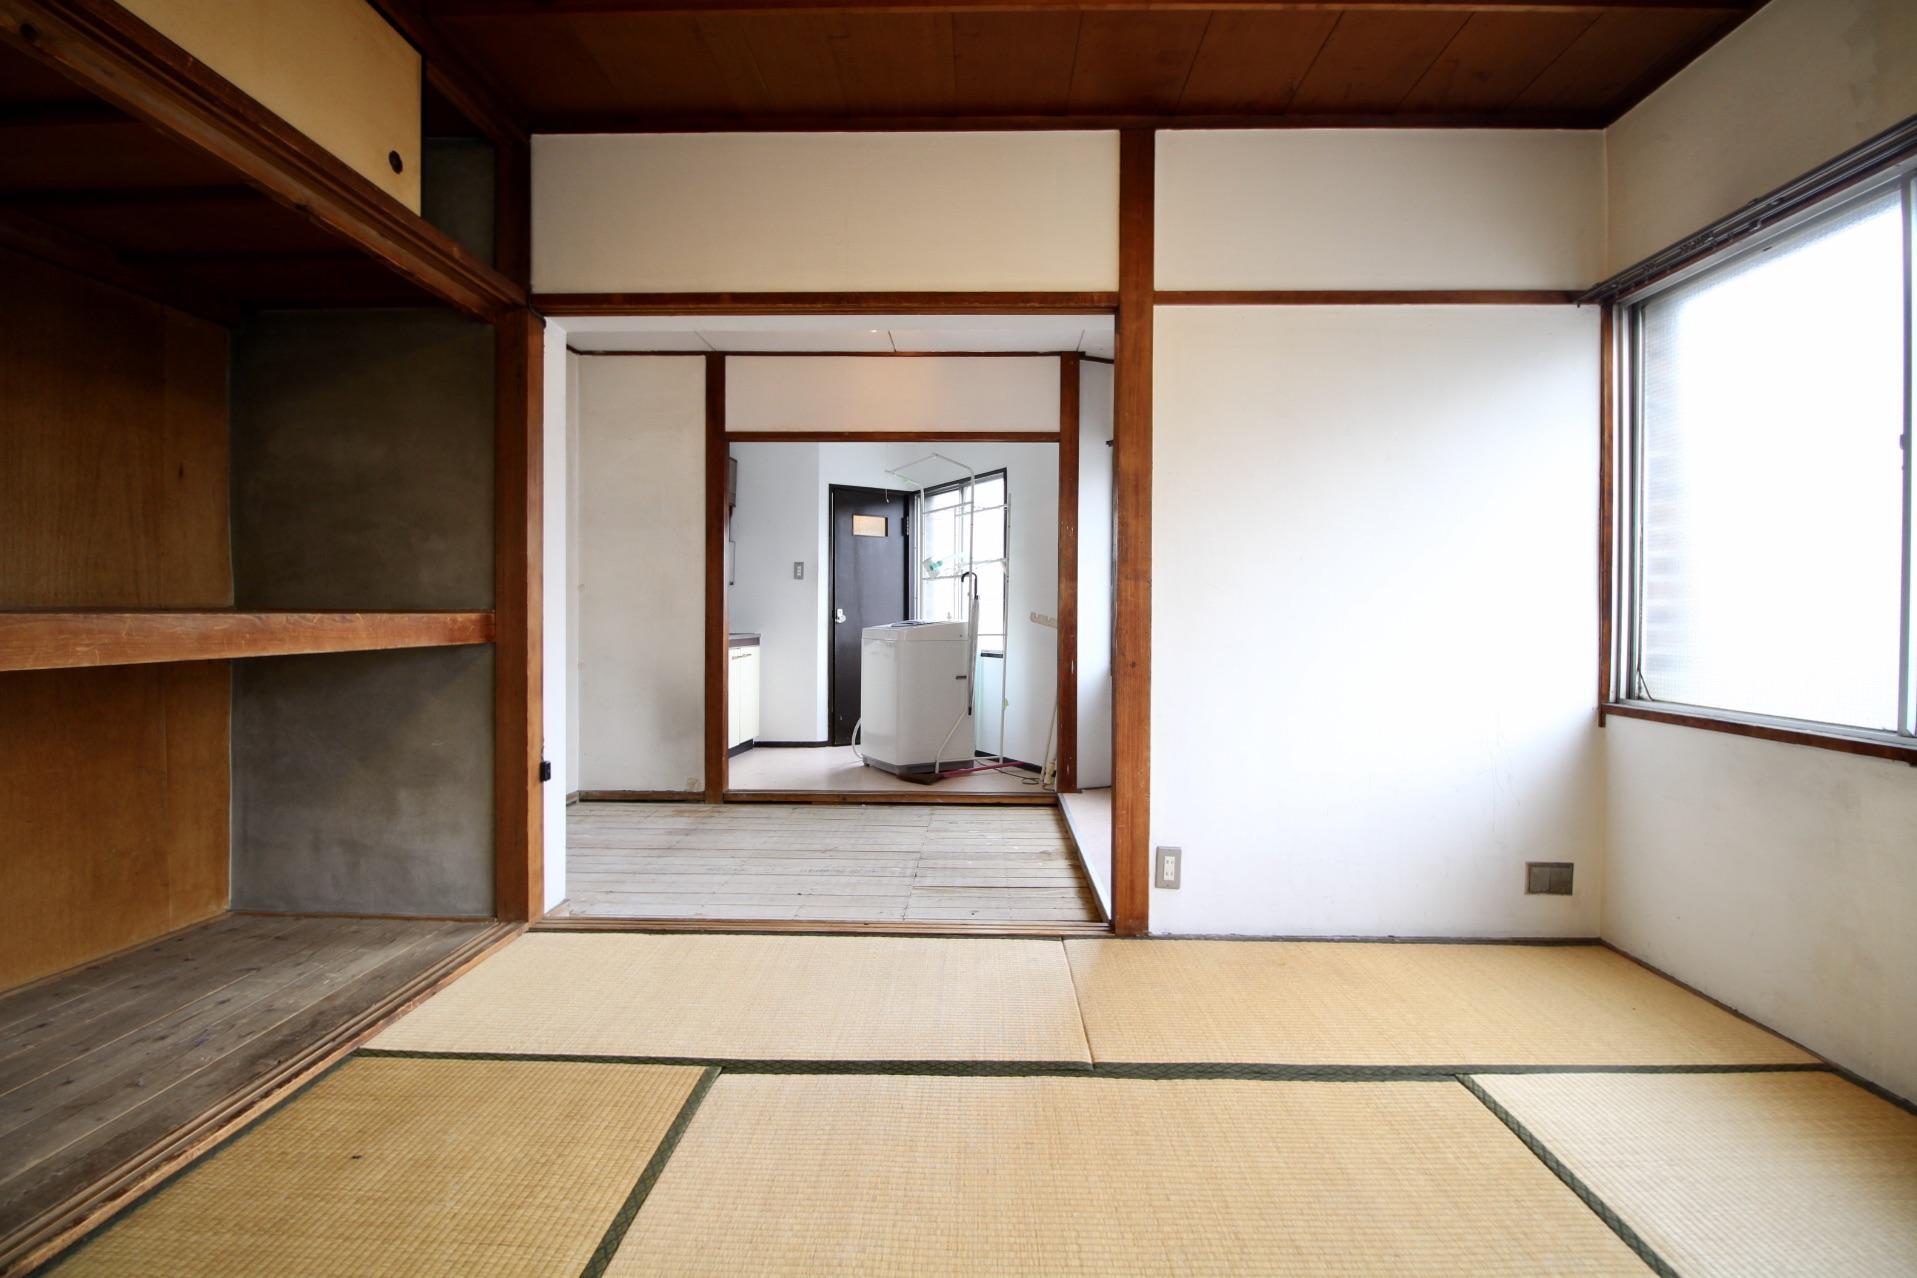 あの小商いが集う元共同住宅 (神戸市中央区北長狭通の物件) - 神戸R不動産